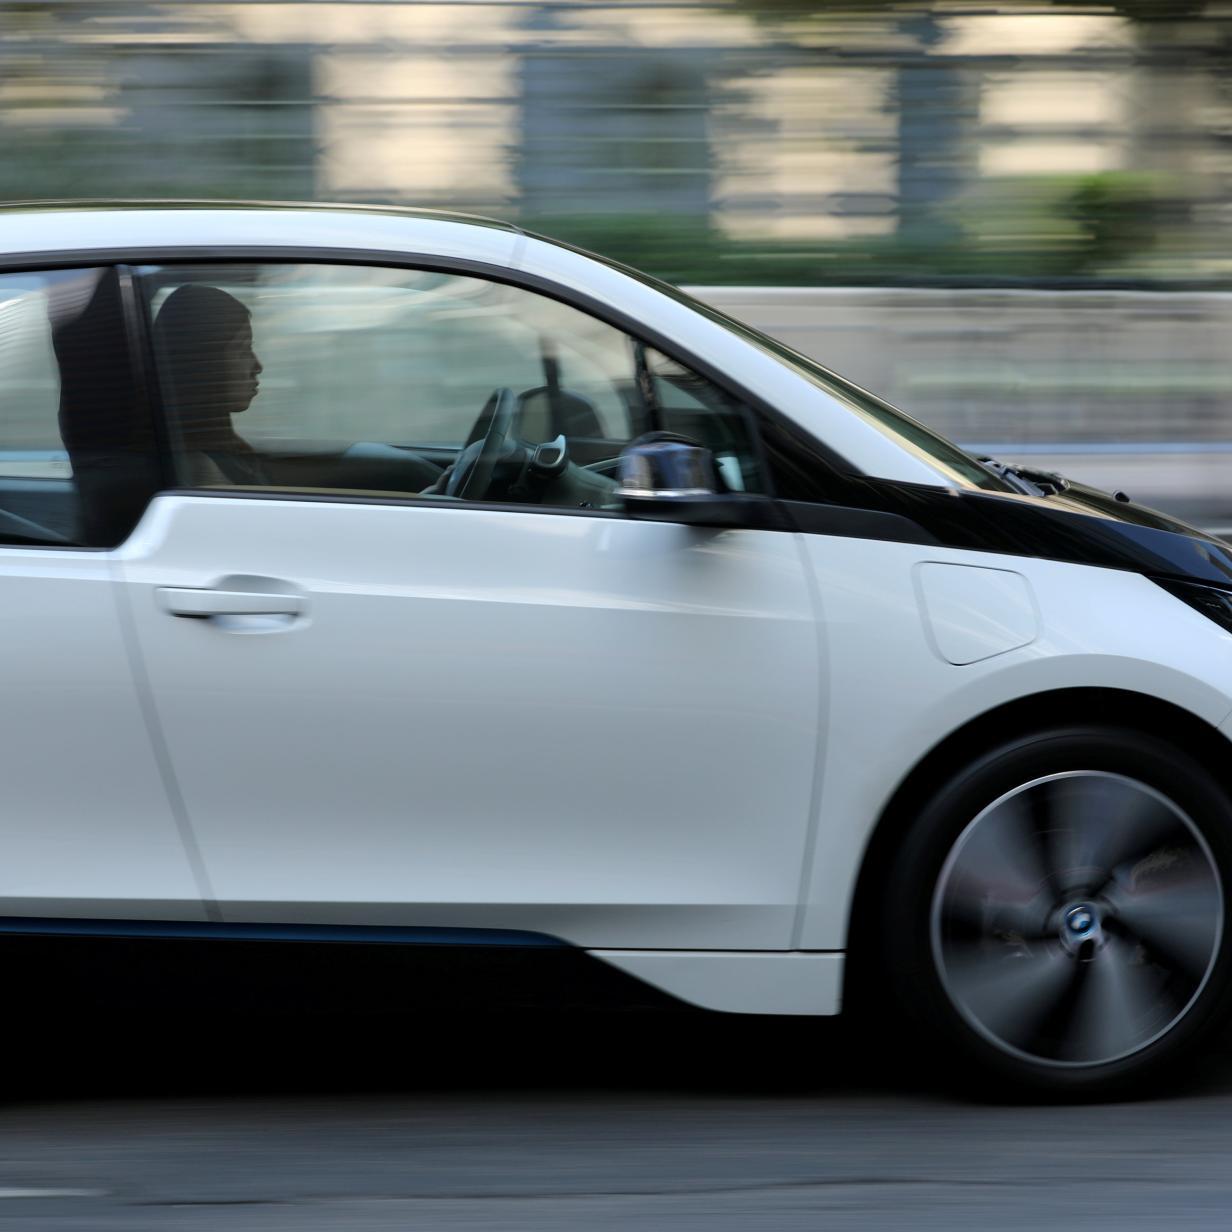 Neuer BMW-Chef Zipse will E-Auto i3 weiter produzieren lassen